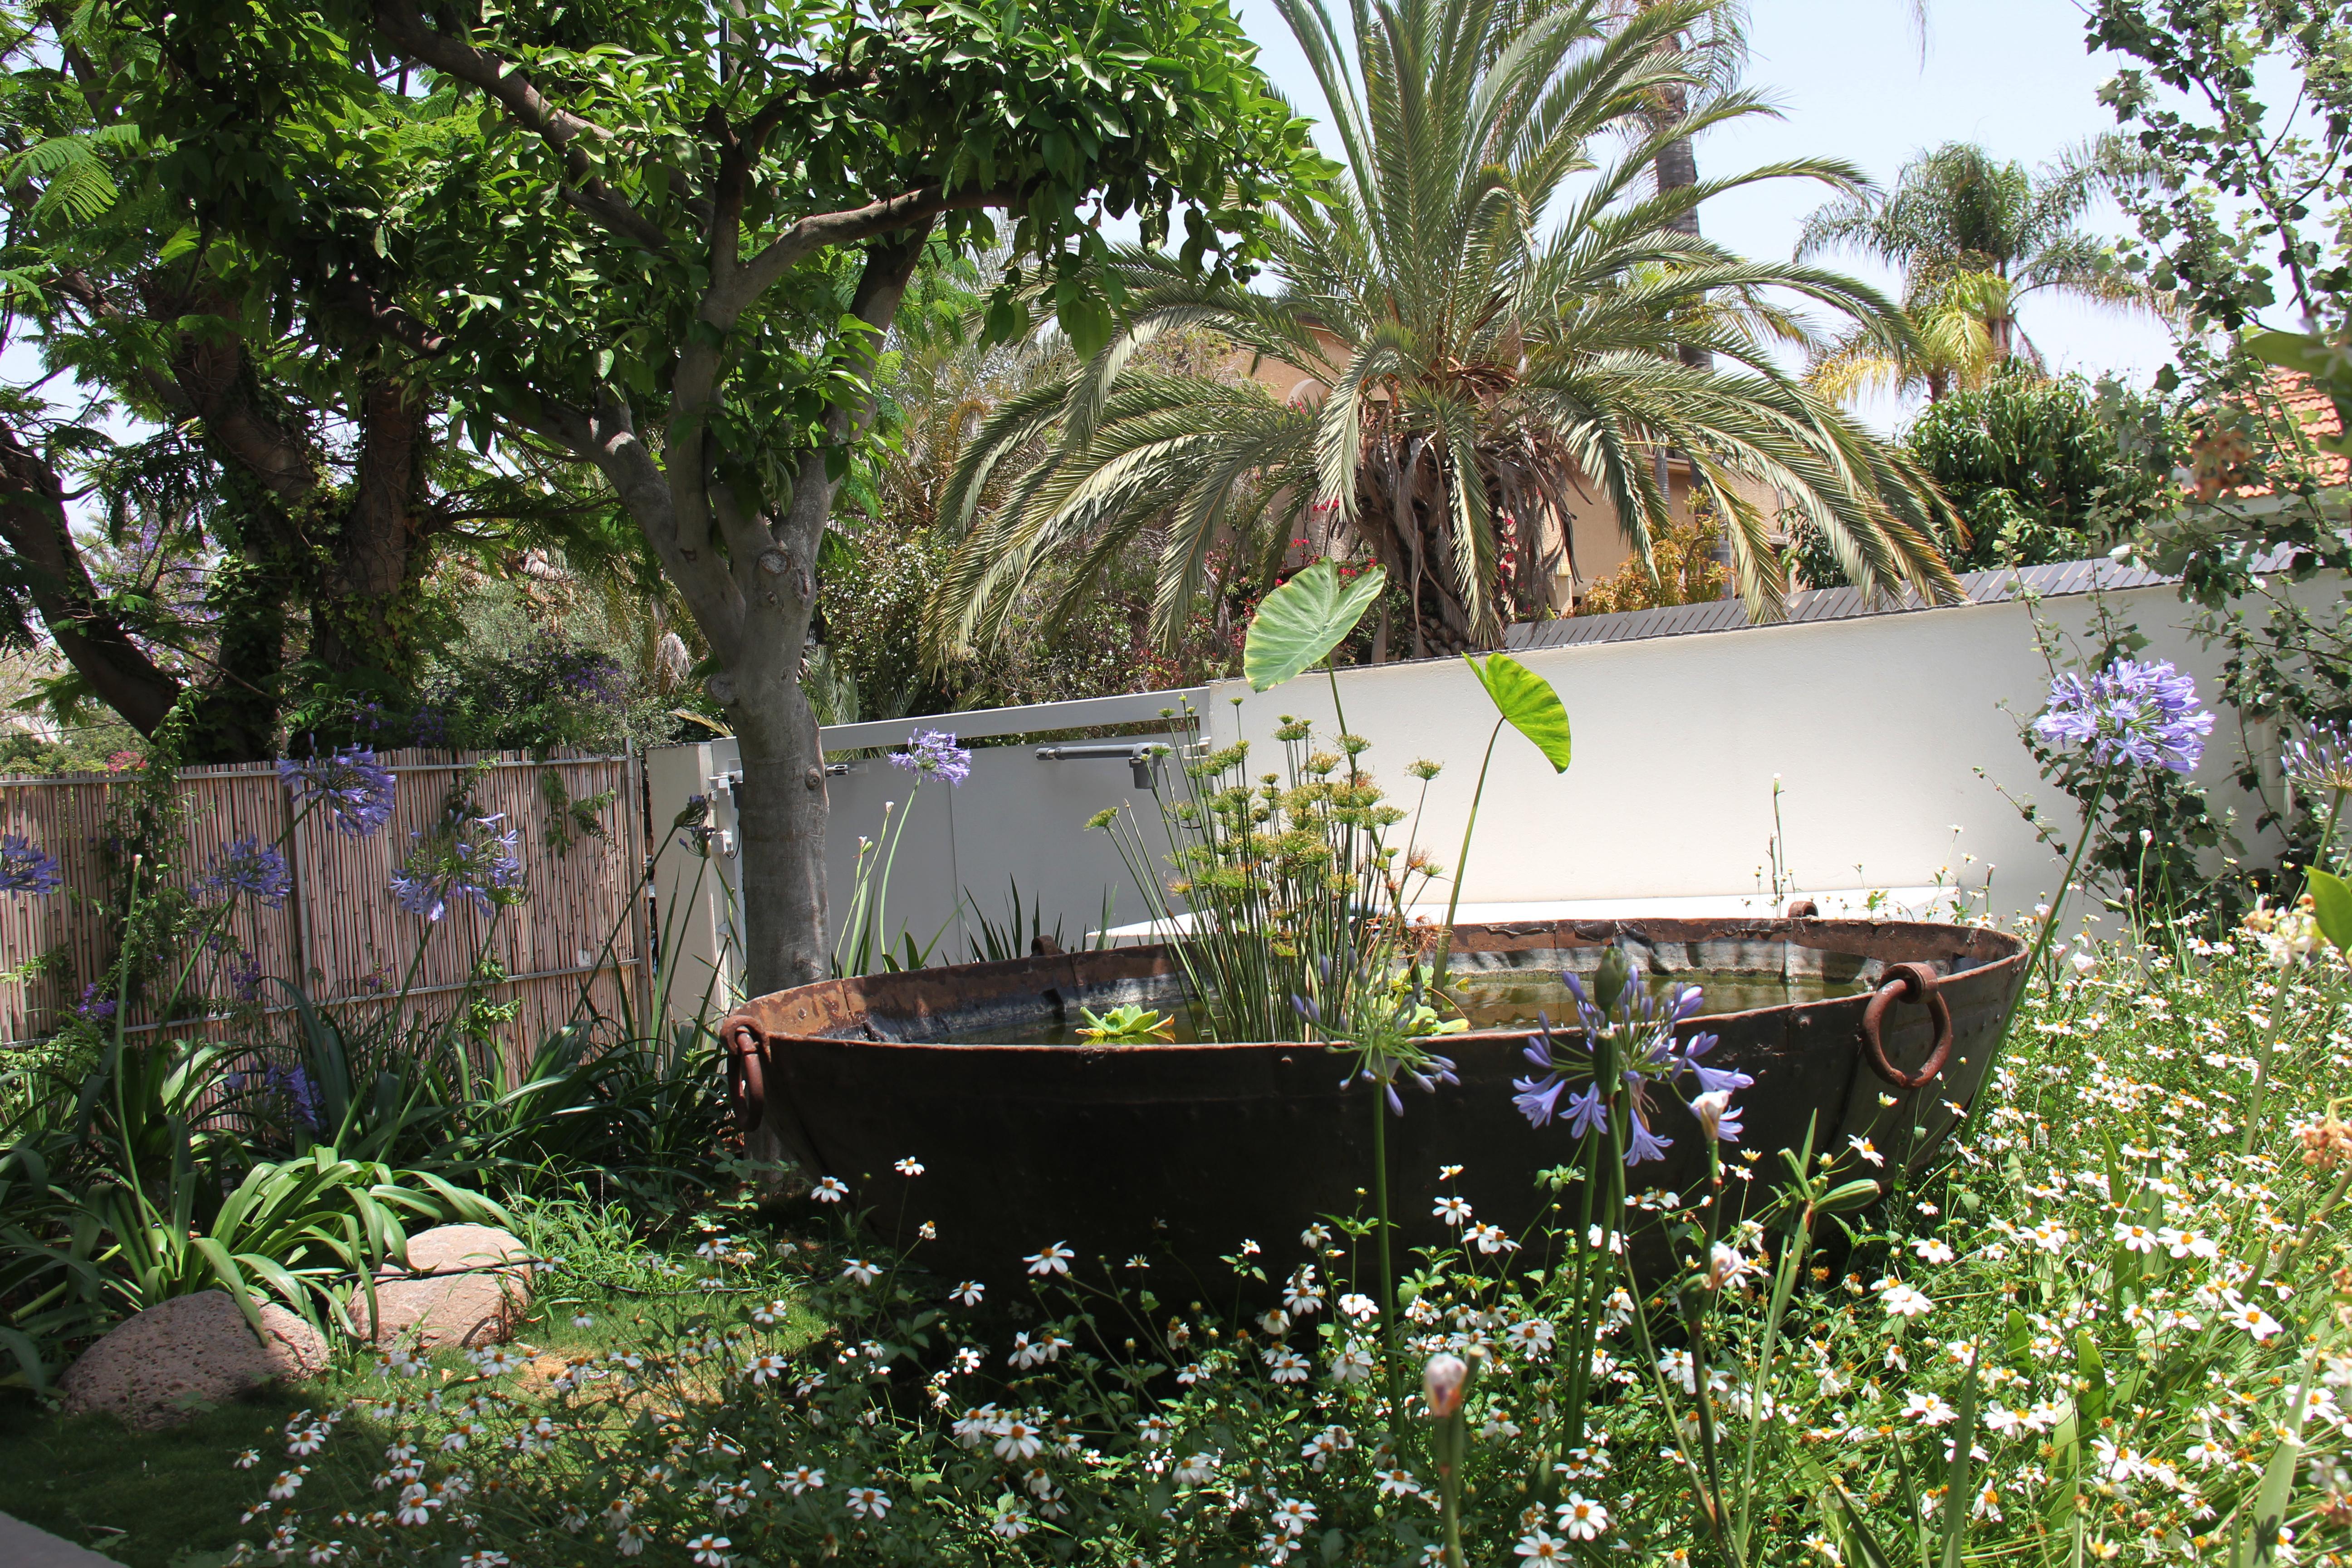 אלמנט מים בגינה